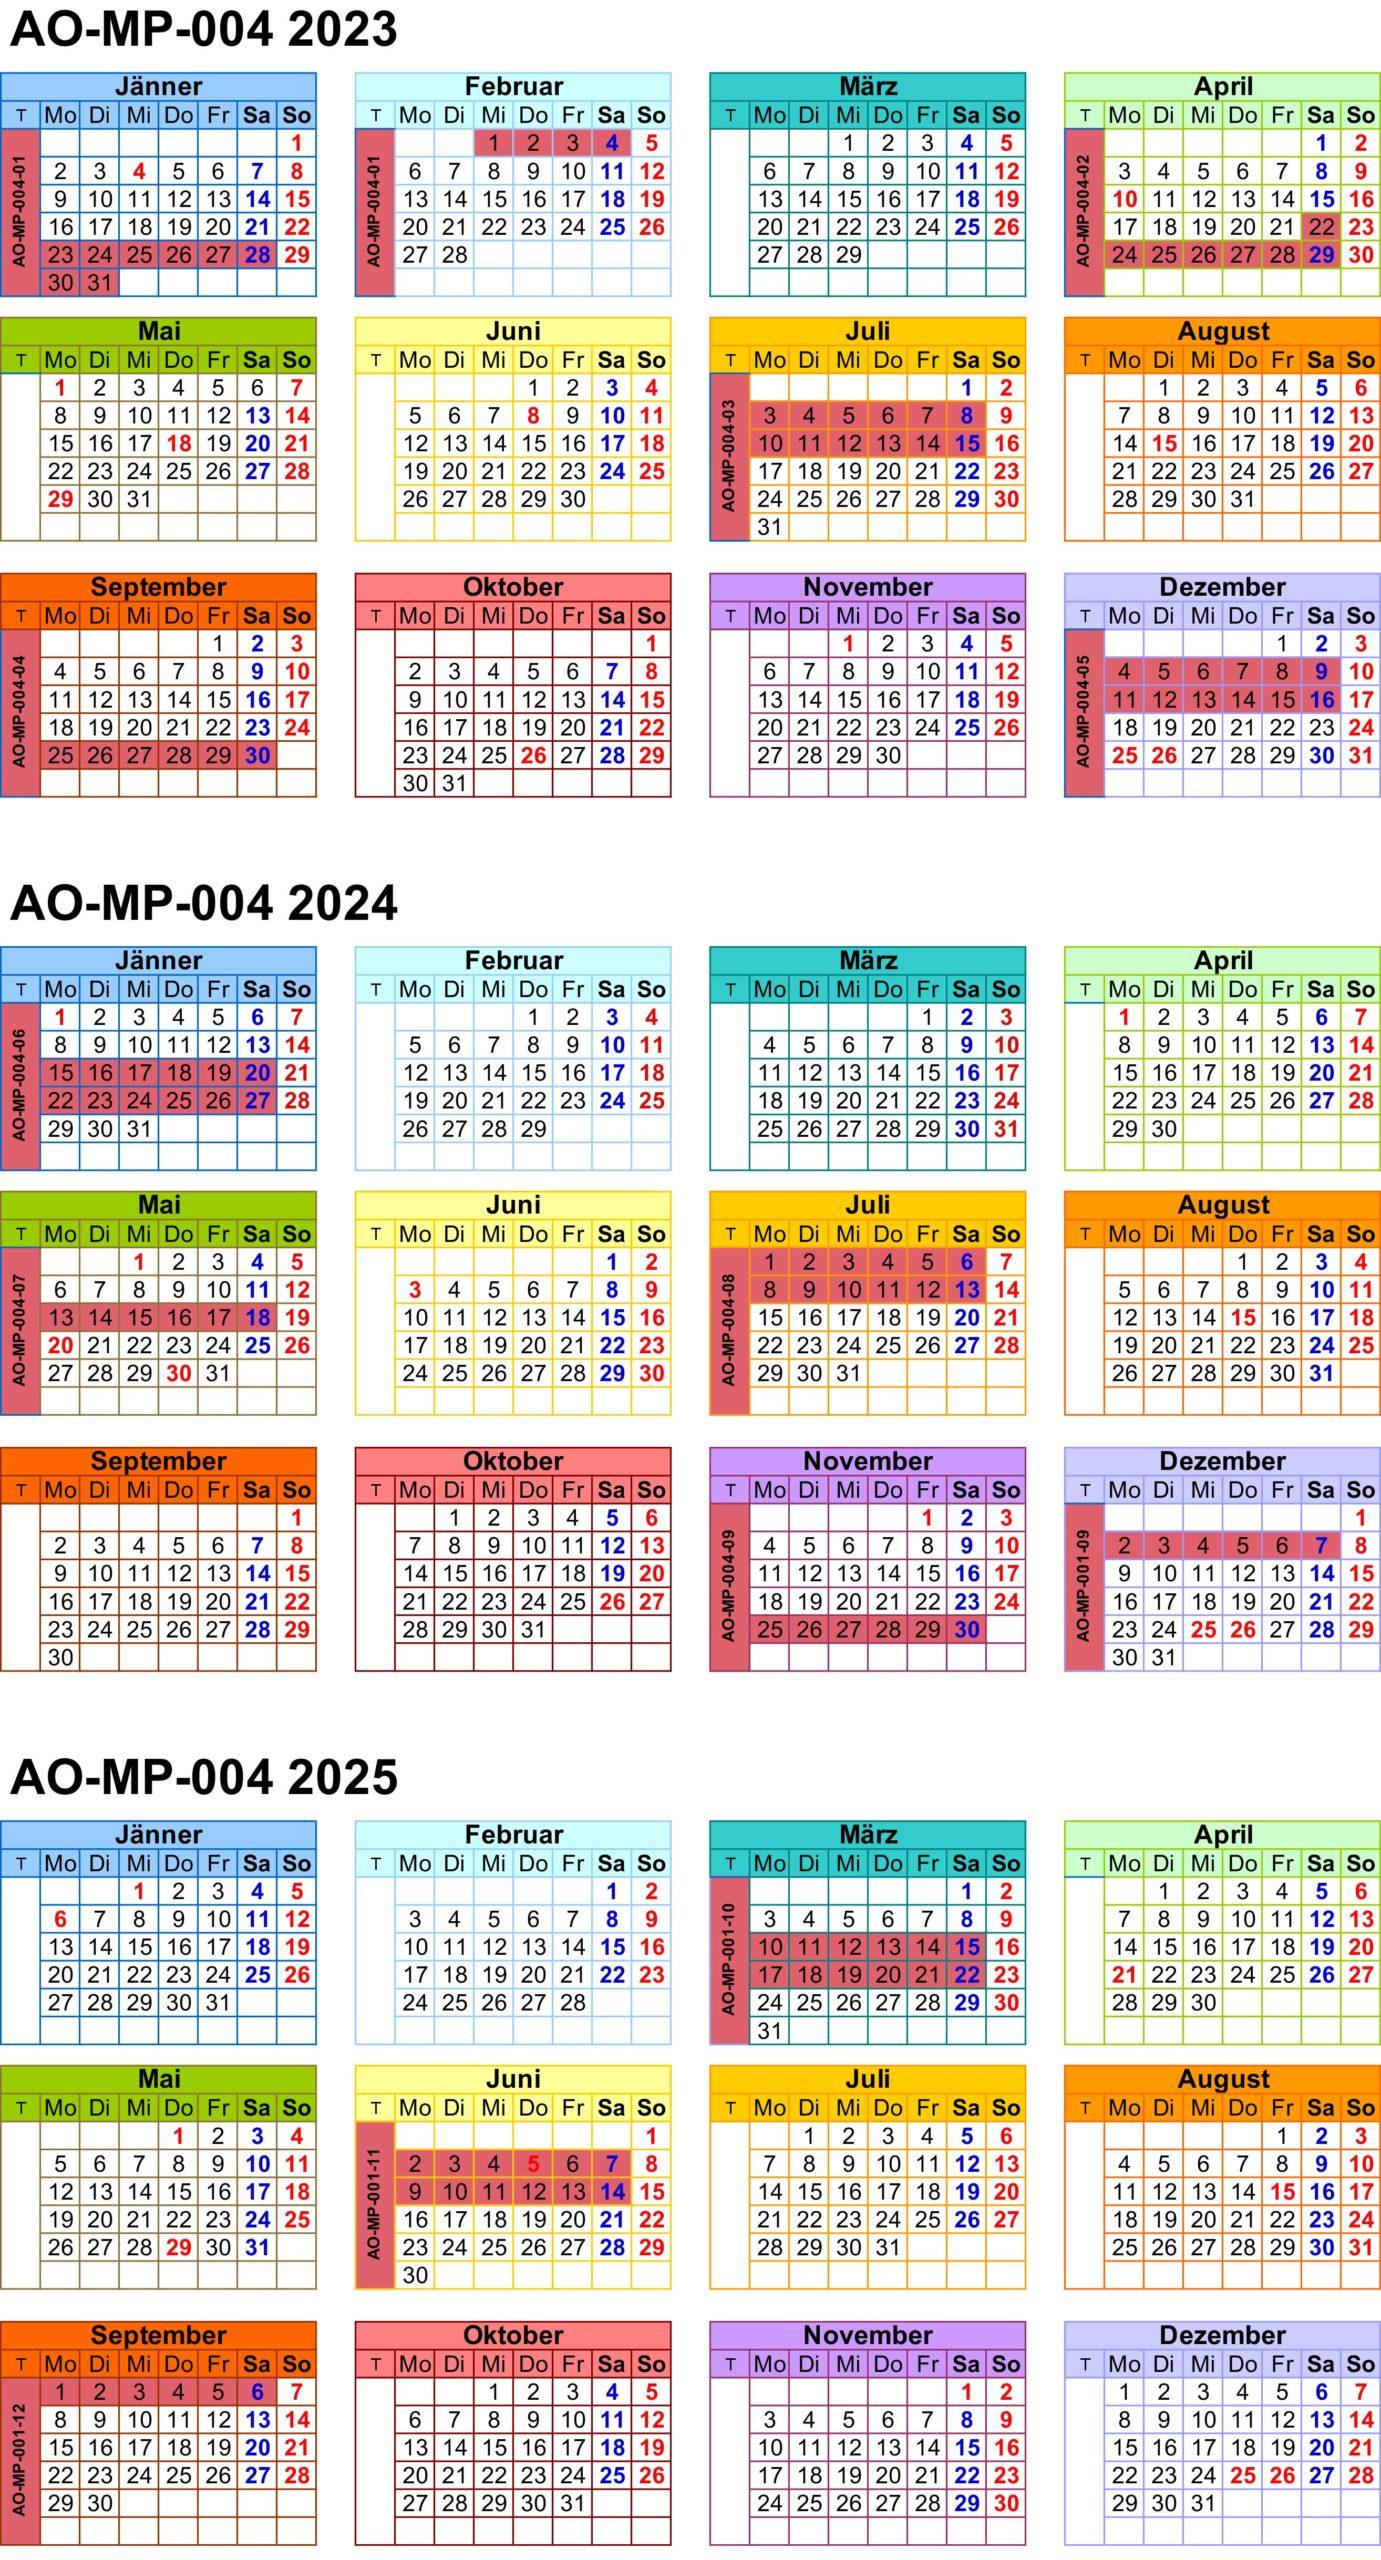 Zeitplan AO-MP-004